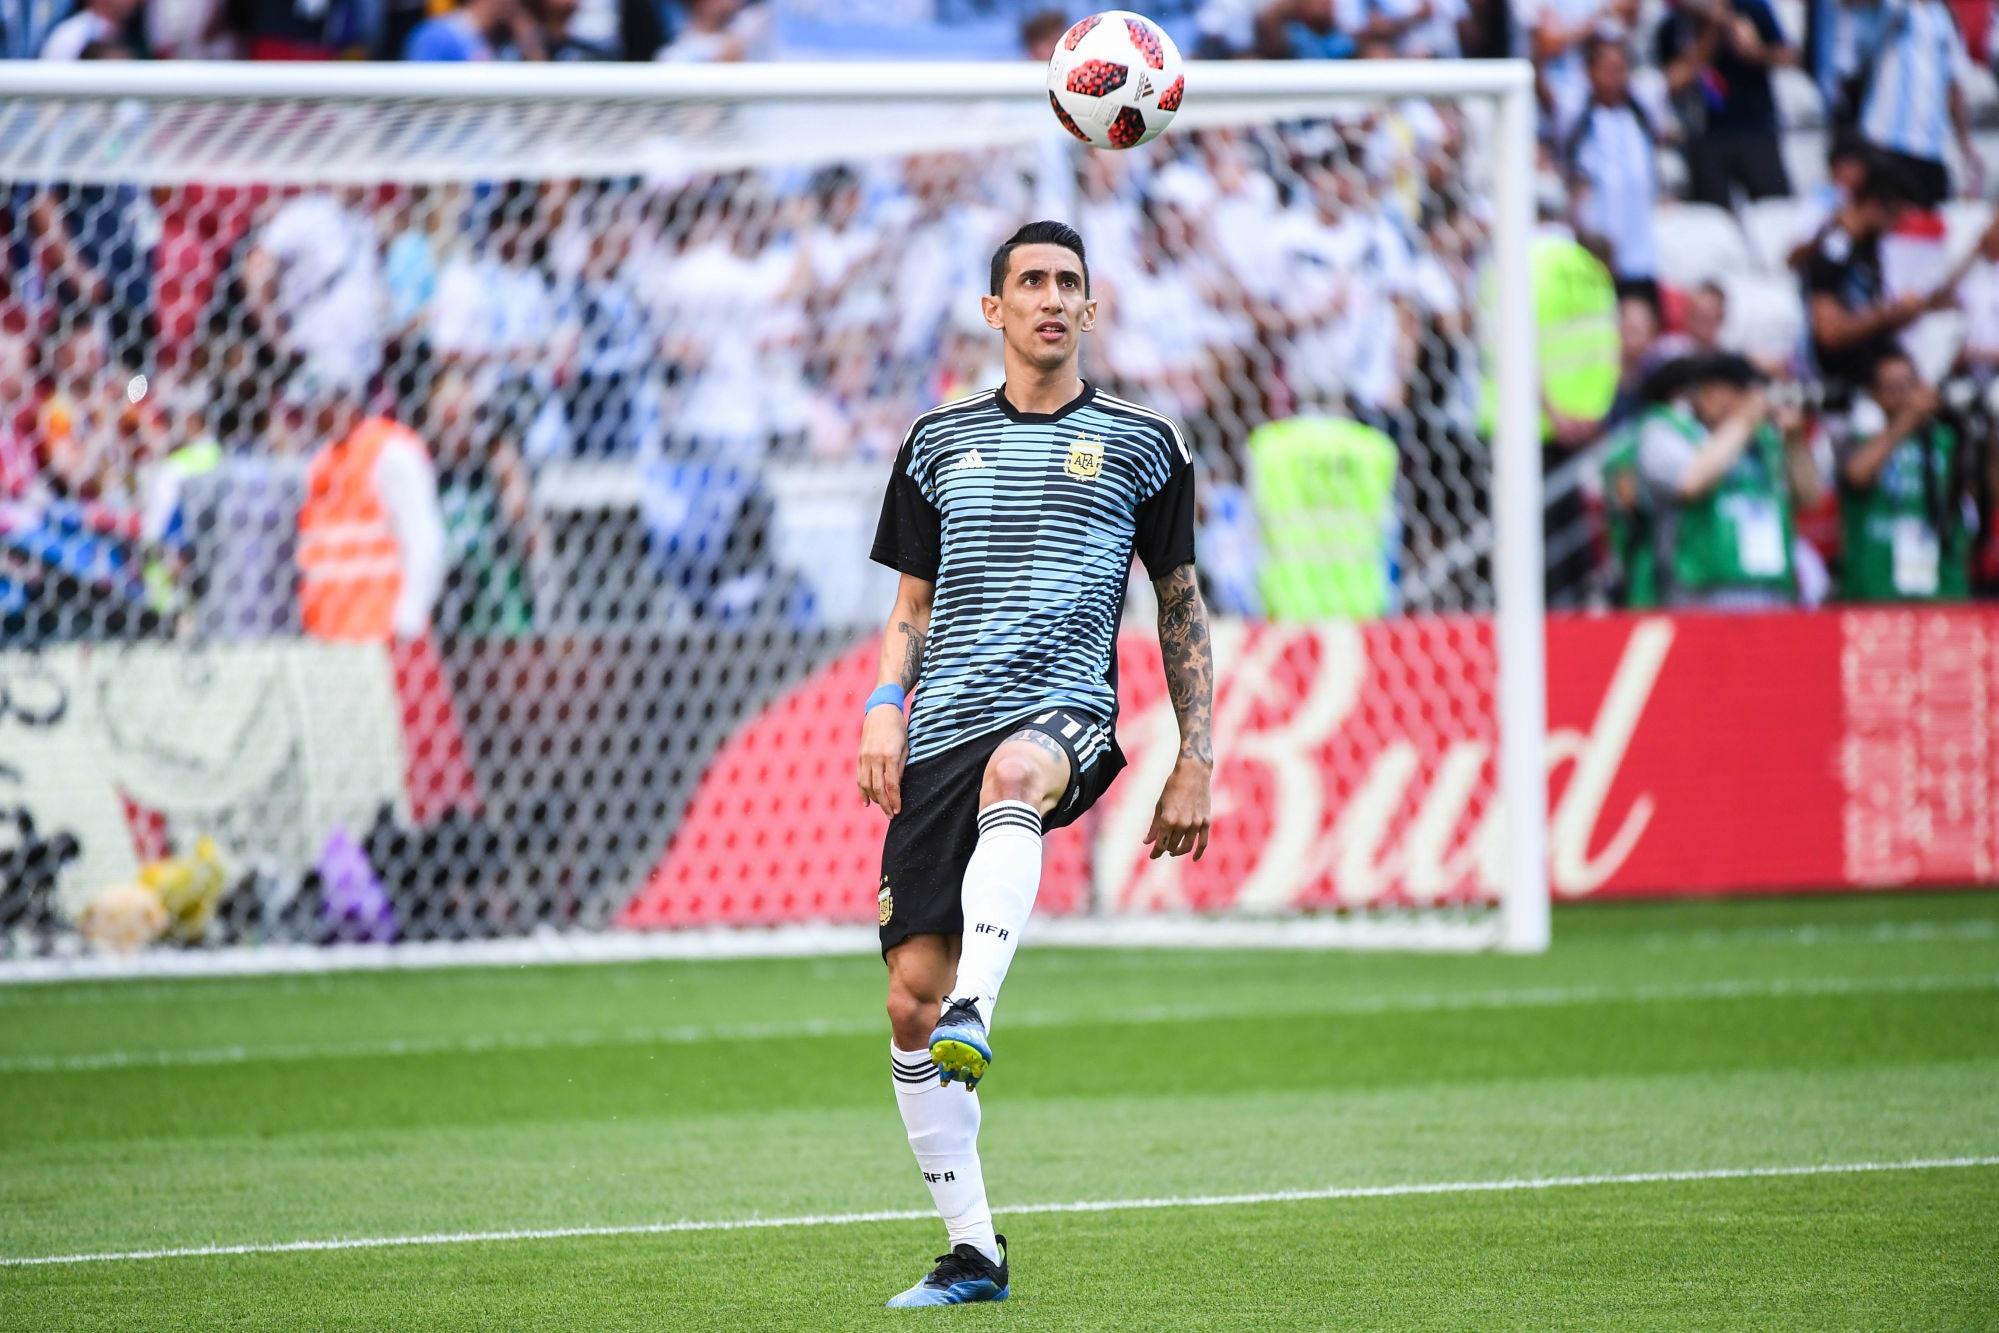 Officiel - Di Maria de nouveau convoqué avec l'Argentine, Paredes aussi appelé